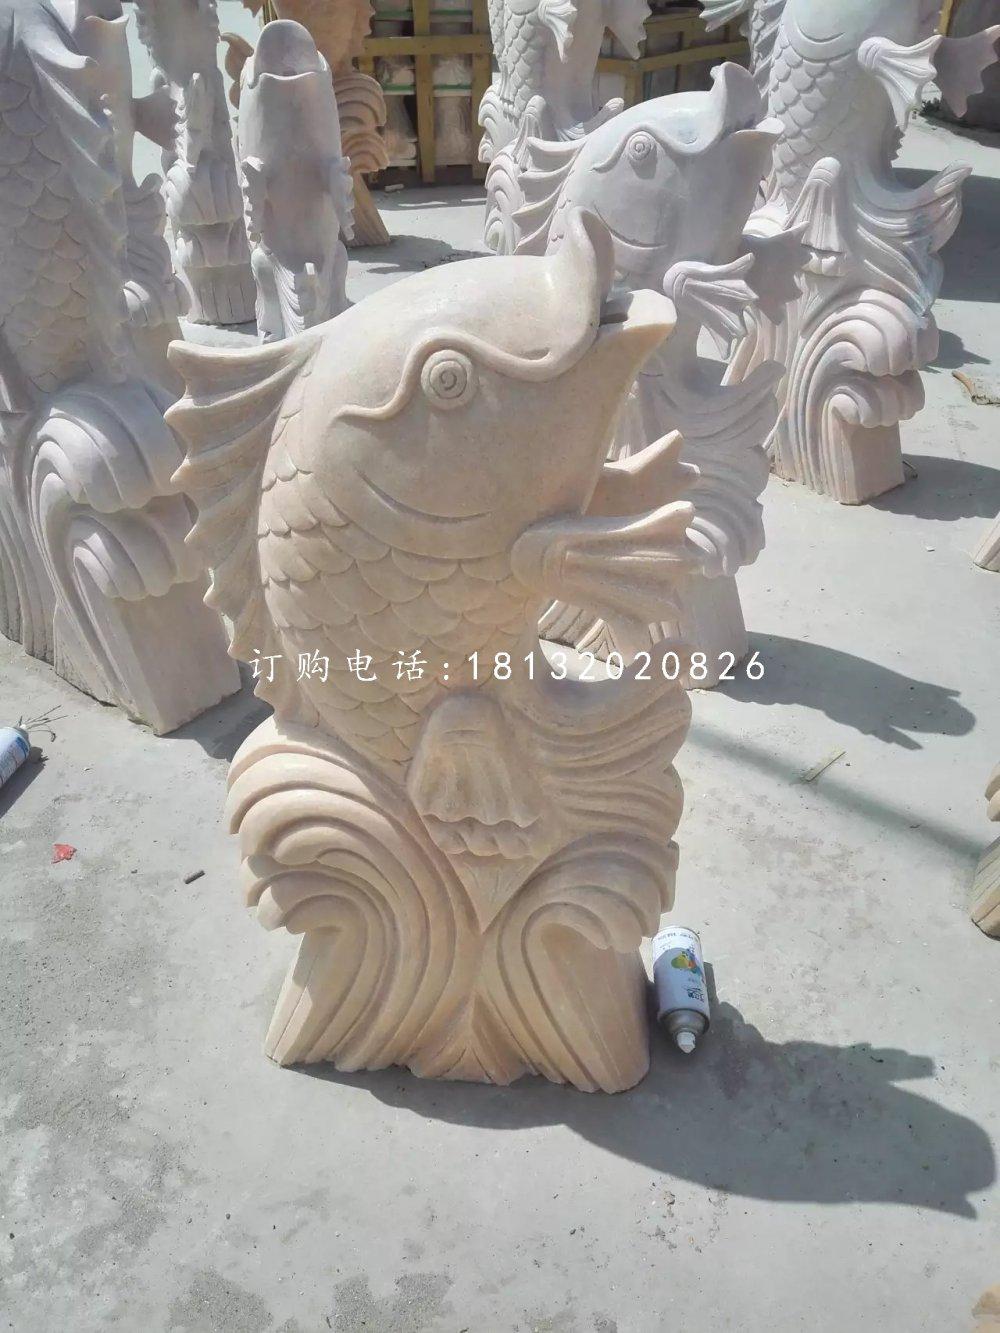 鱼石雕晚霞红喷水鱼雕塑